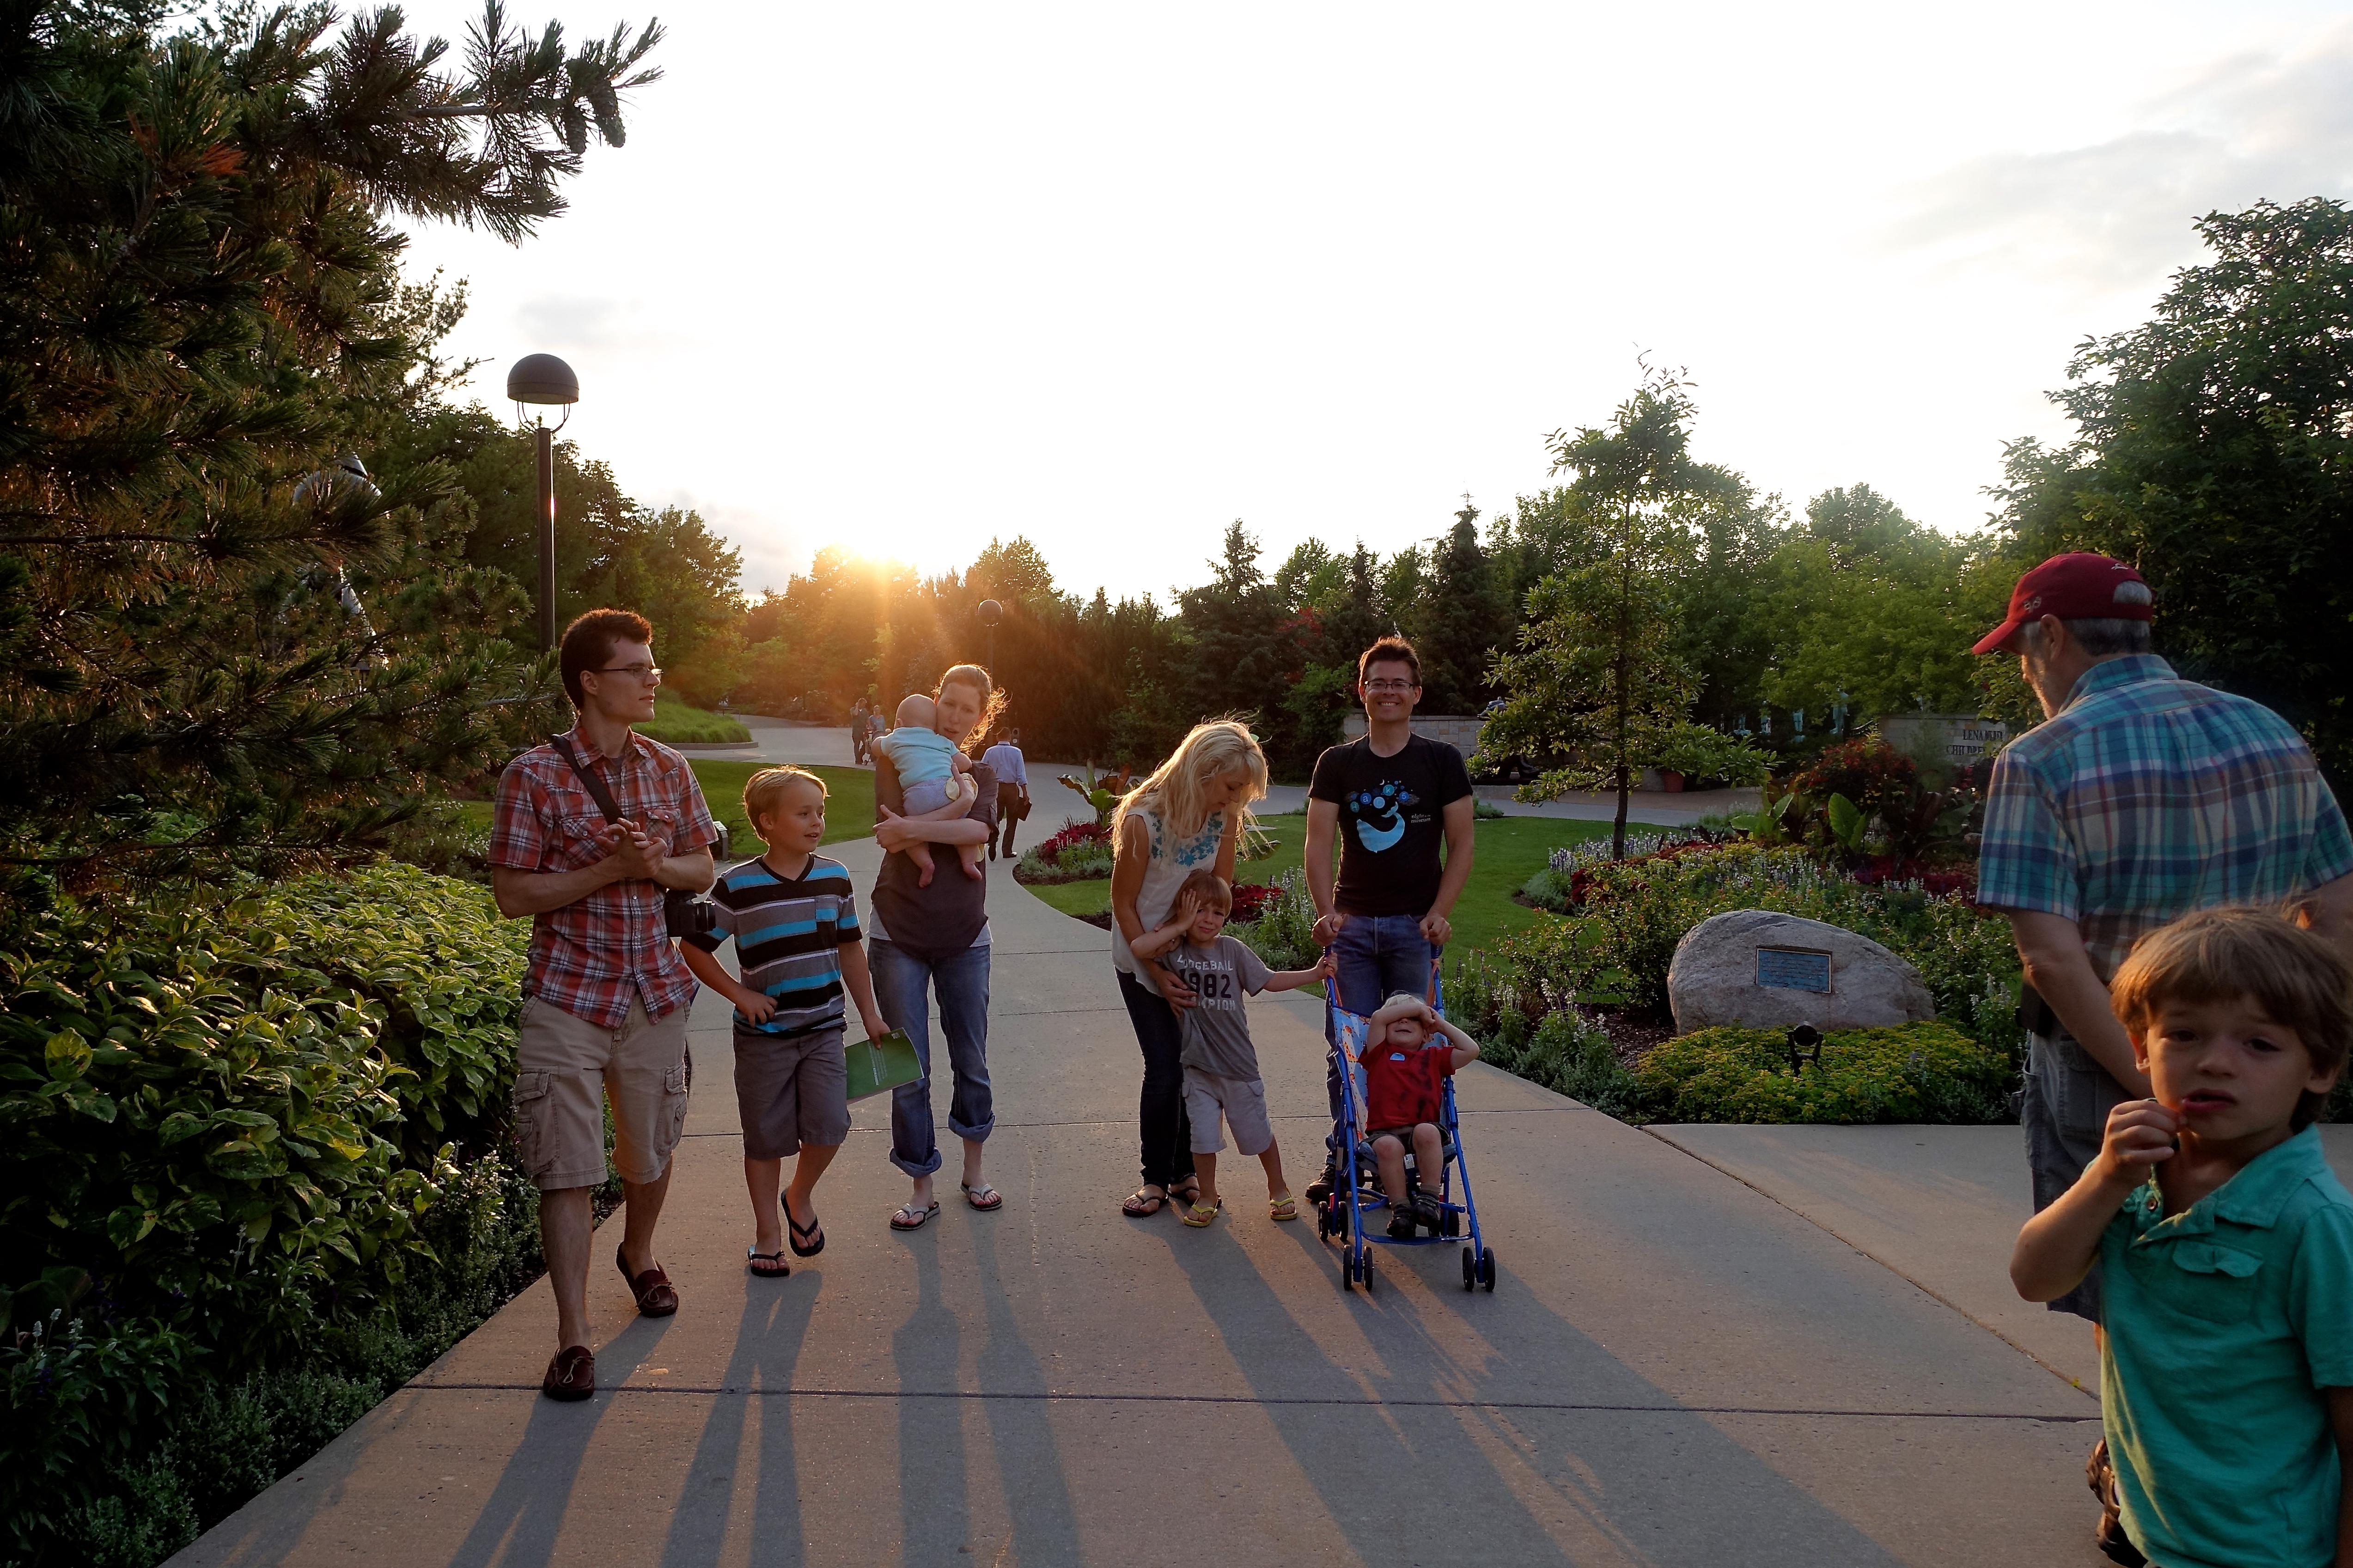 Taking Family to Meijer Garden